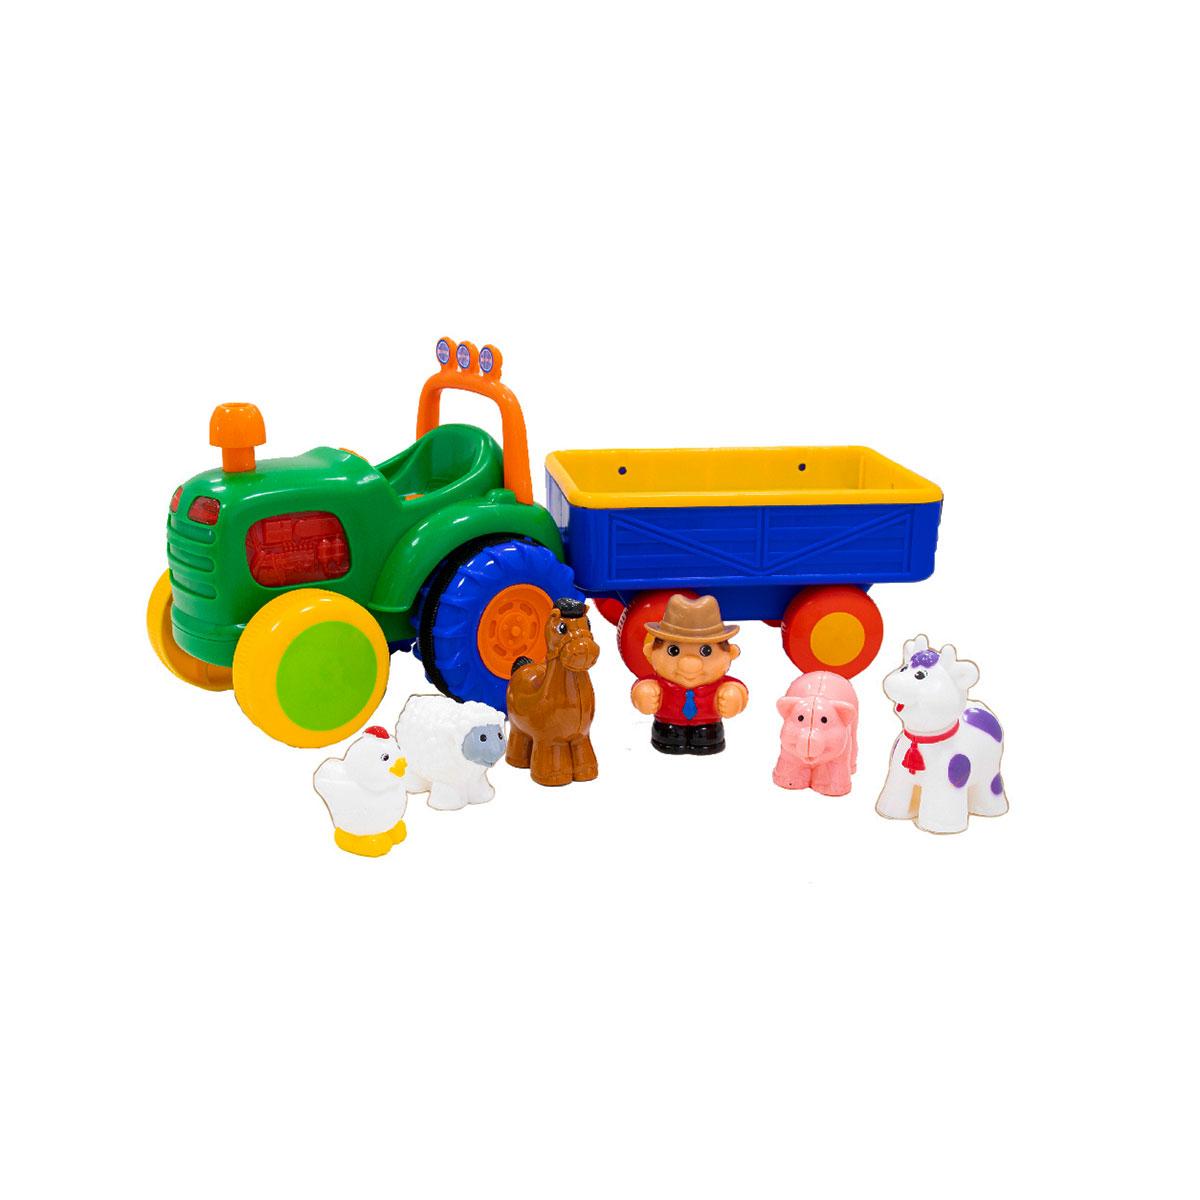 Іграшка на колесах - Трактор з трейлером (російська озвучка)